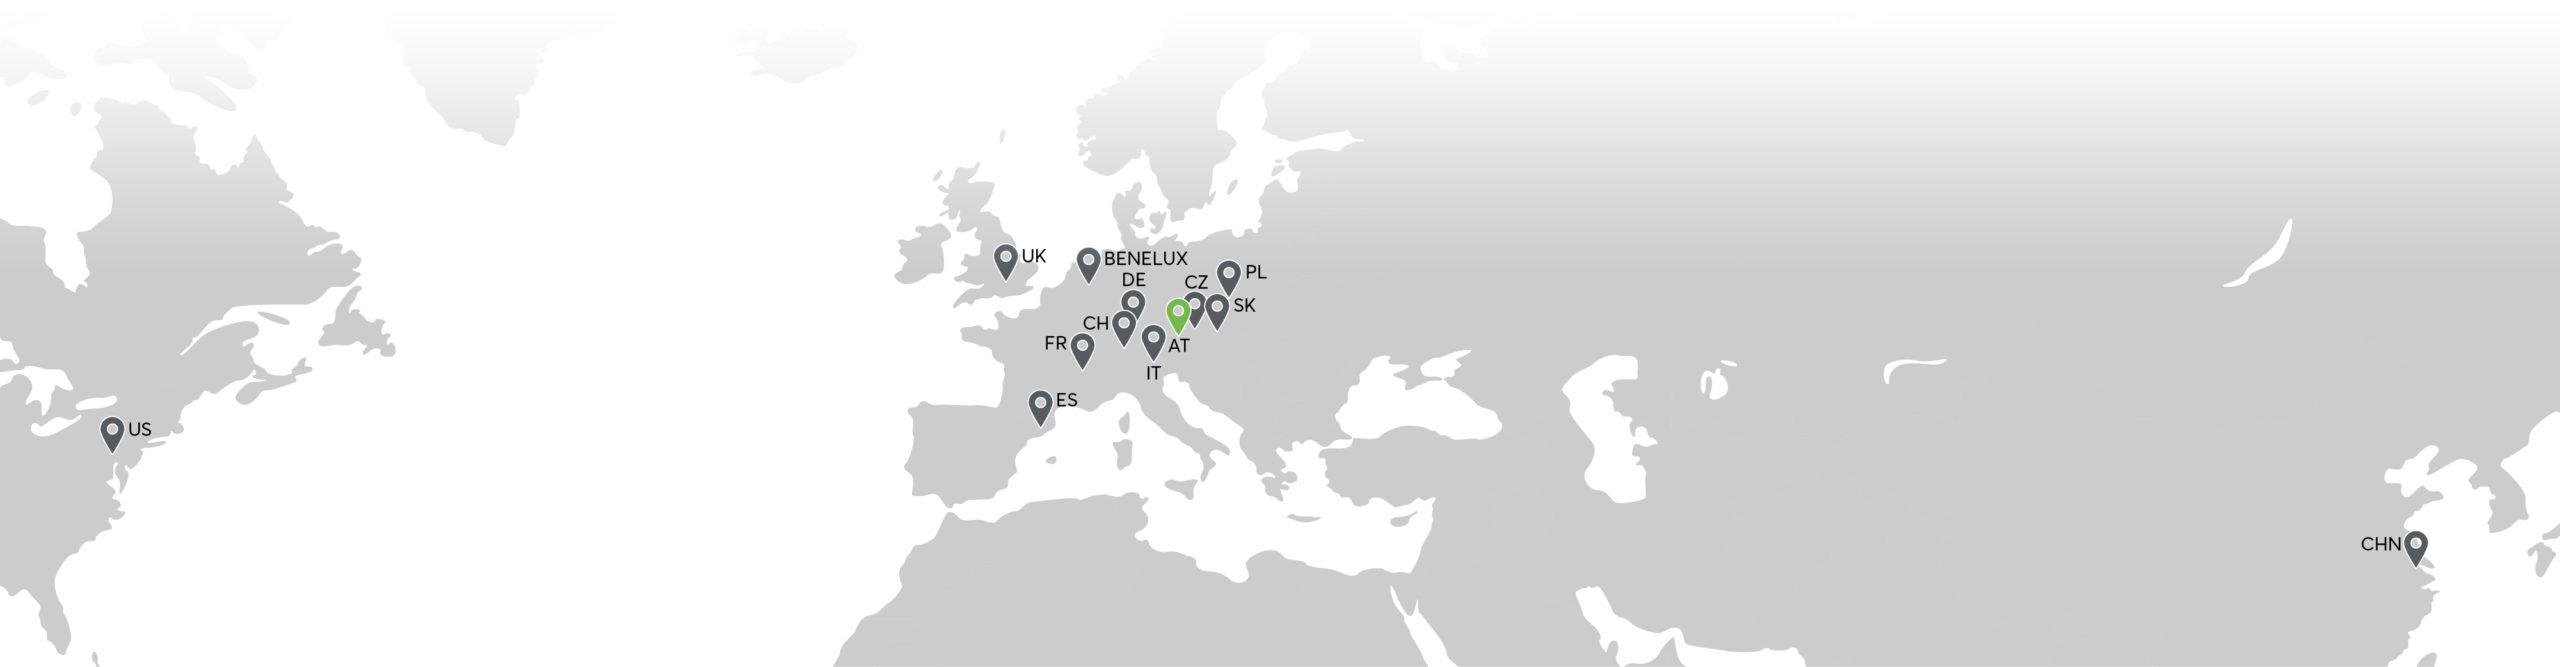 Mapa organizácií Loxone